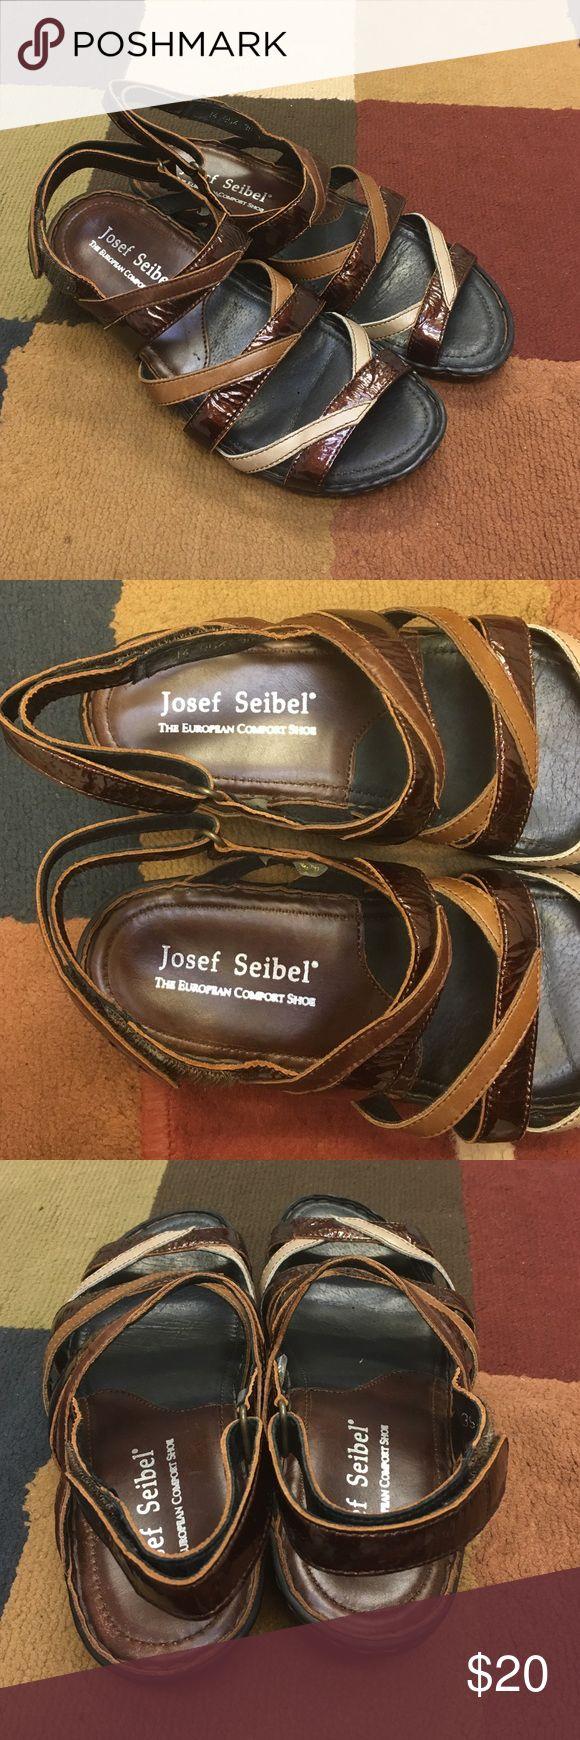 Josef Seibel Women's Sandals Sz 9 🔹Josef seibel sandals size 9  ✔️Perfect condition  🔹No stains, etc.   ❌No trades Shoes Sandals